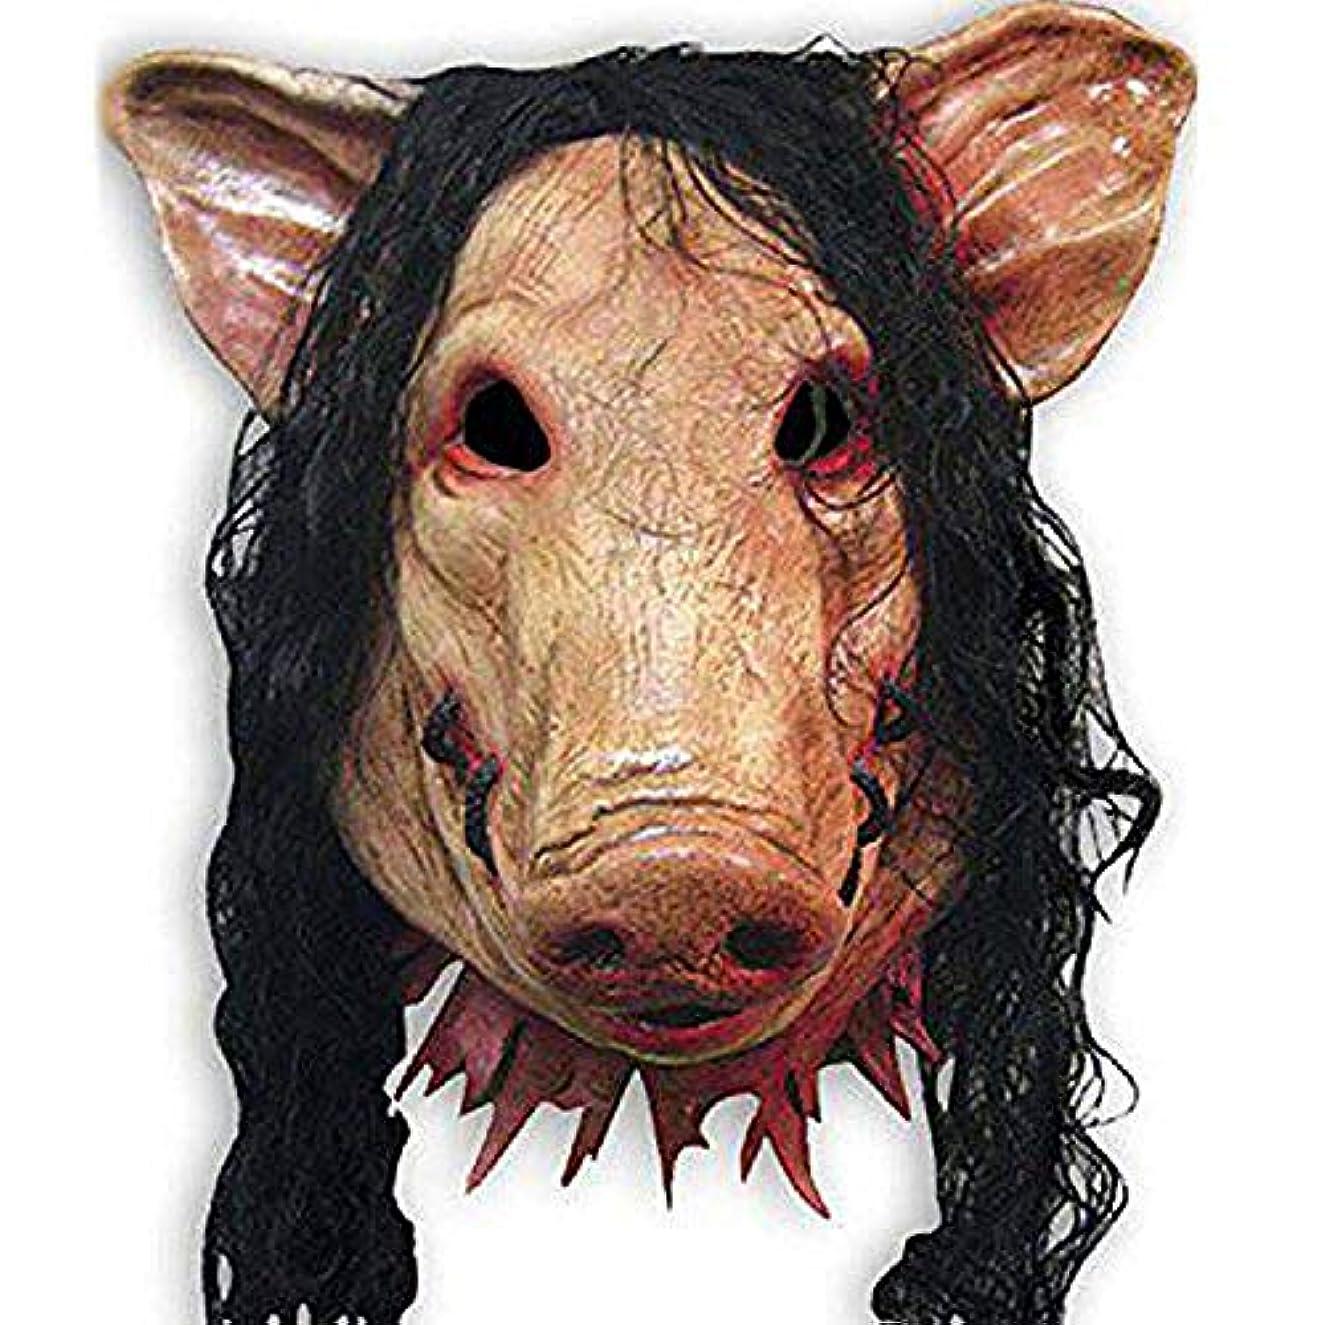 いまなのでサイトラインソウ3恐怖 リアル 豚 マスク ホラー お面 ハロウィン 仮面 仮装 コストレ仮面 ブタ コスプレ cosplay mask 道具